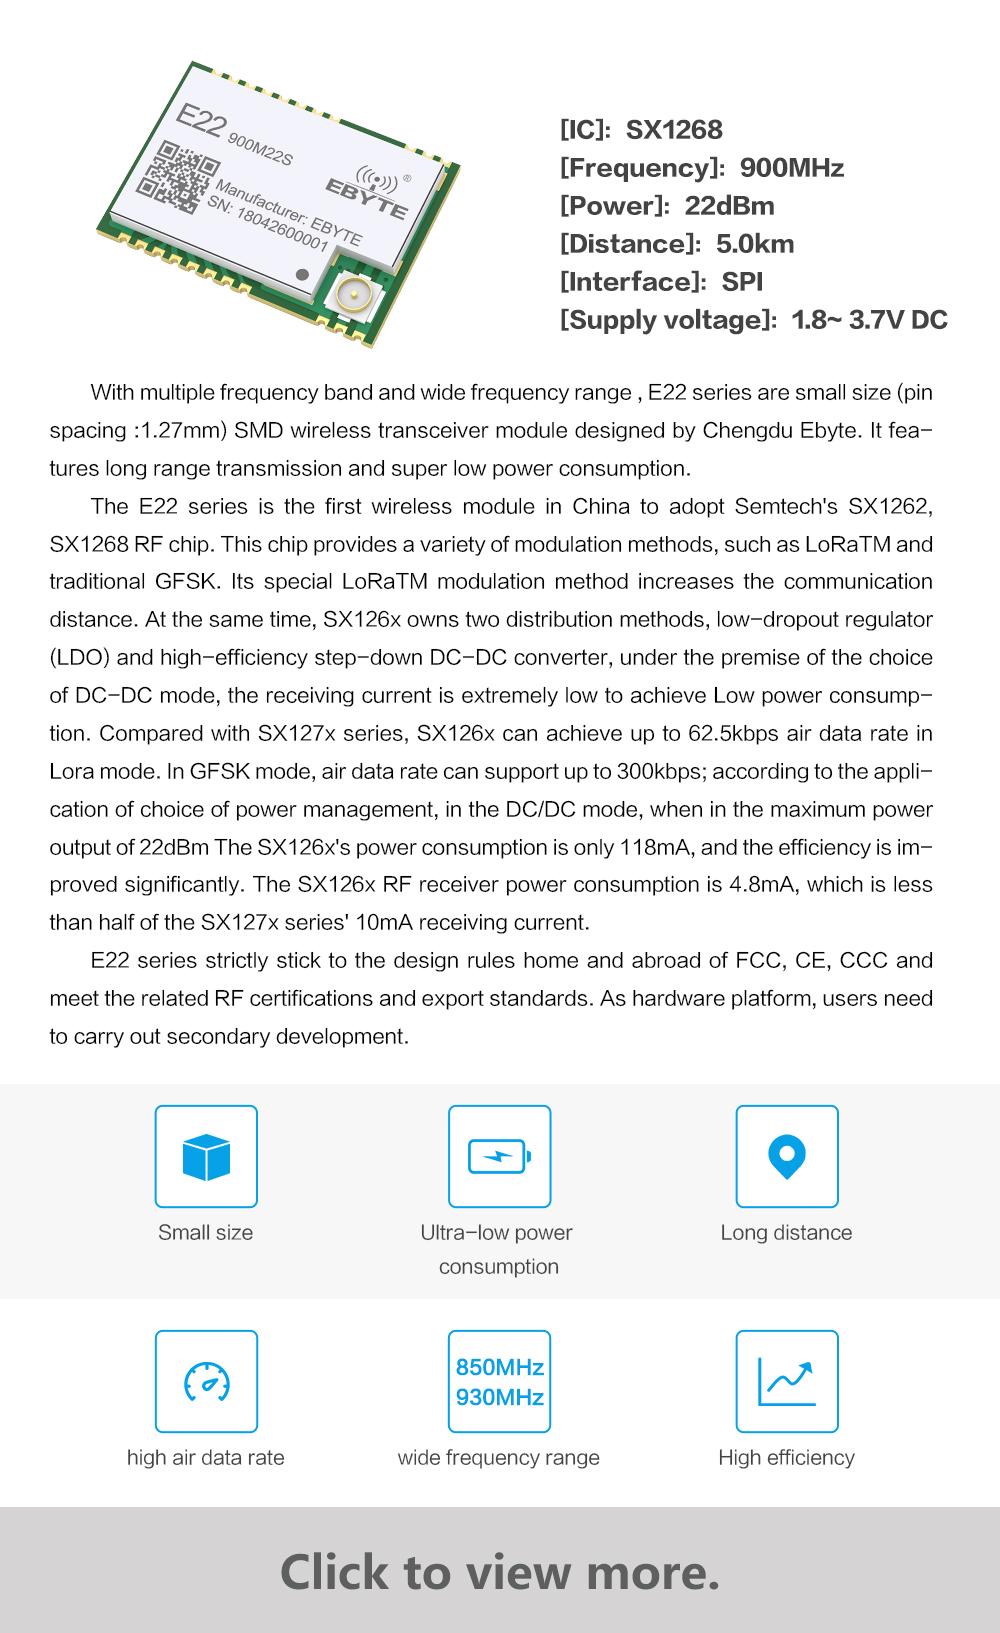 E22(900M22S)】SX1262/SX1268 wireless module/ New generation